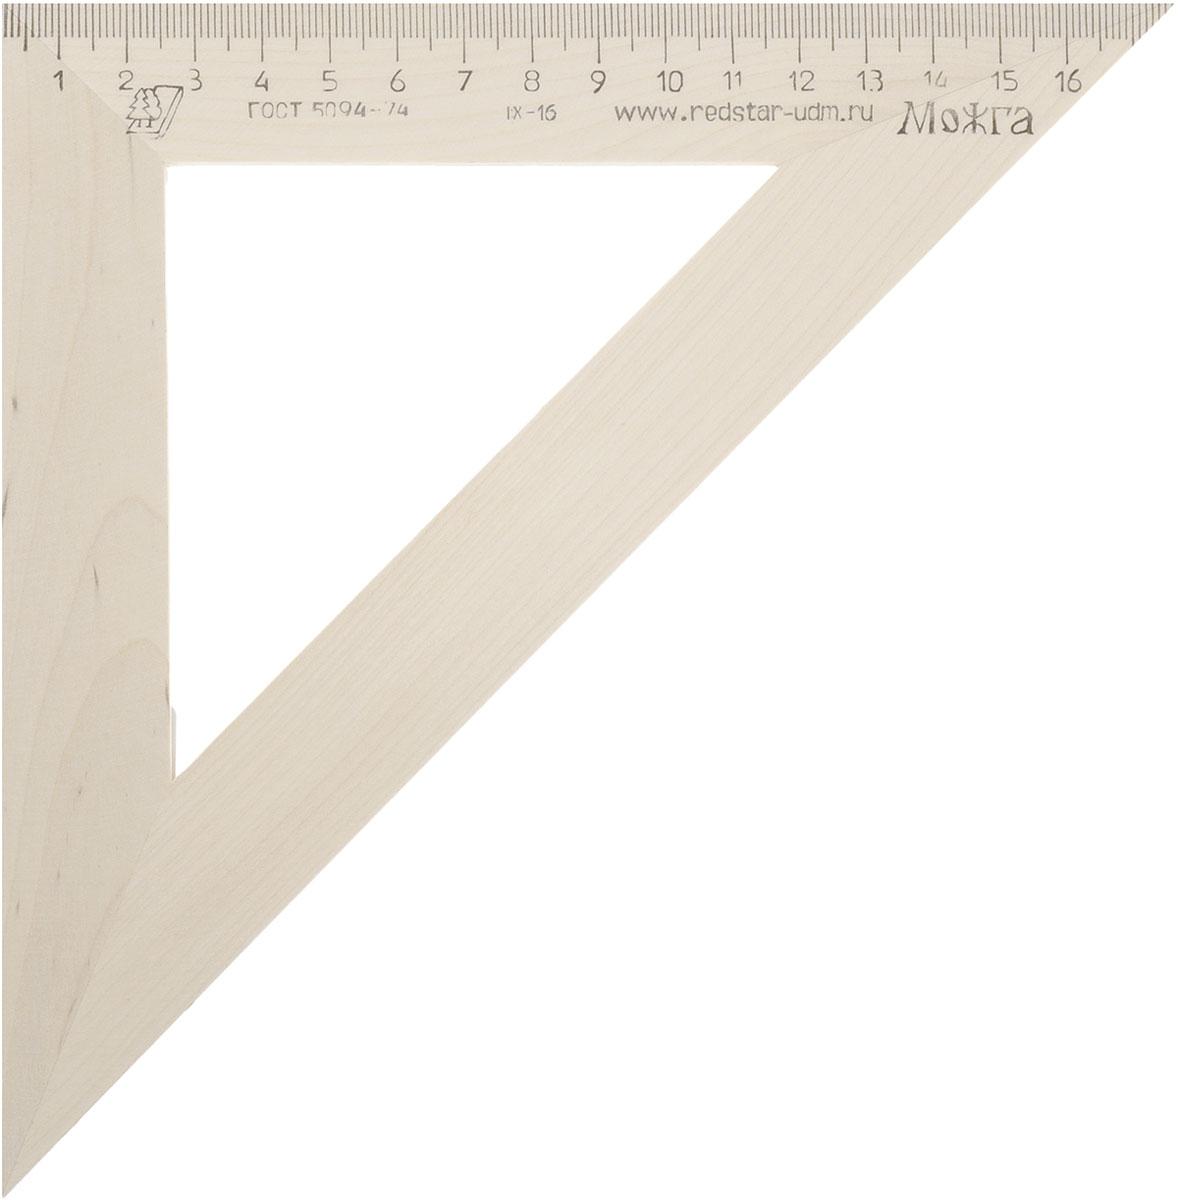 Красная звезда Угольник 45 градусов 18 смFS-36054Угольник Красная звезда с углом в 45 градусов изготовлен из твердолиственных пород древесины. Имеет износостойкую одностороннюю шкалу, длина шкалы - 180 мм.